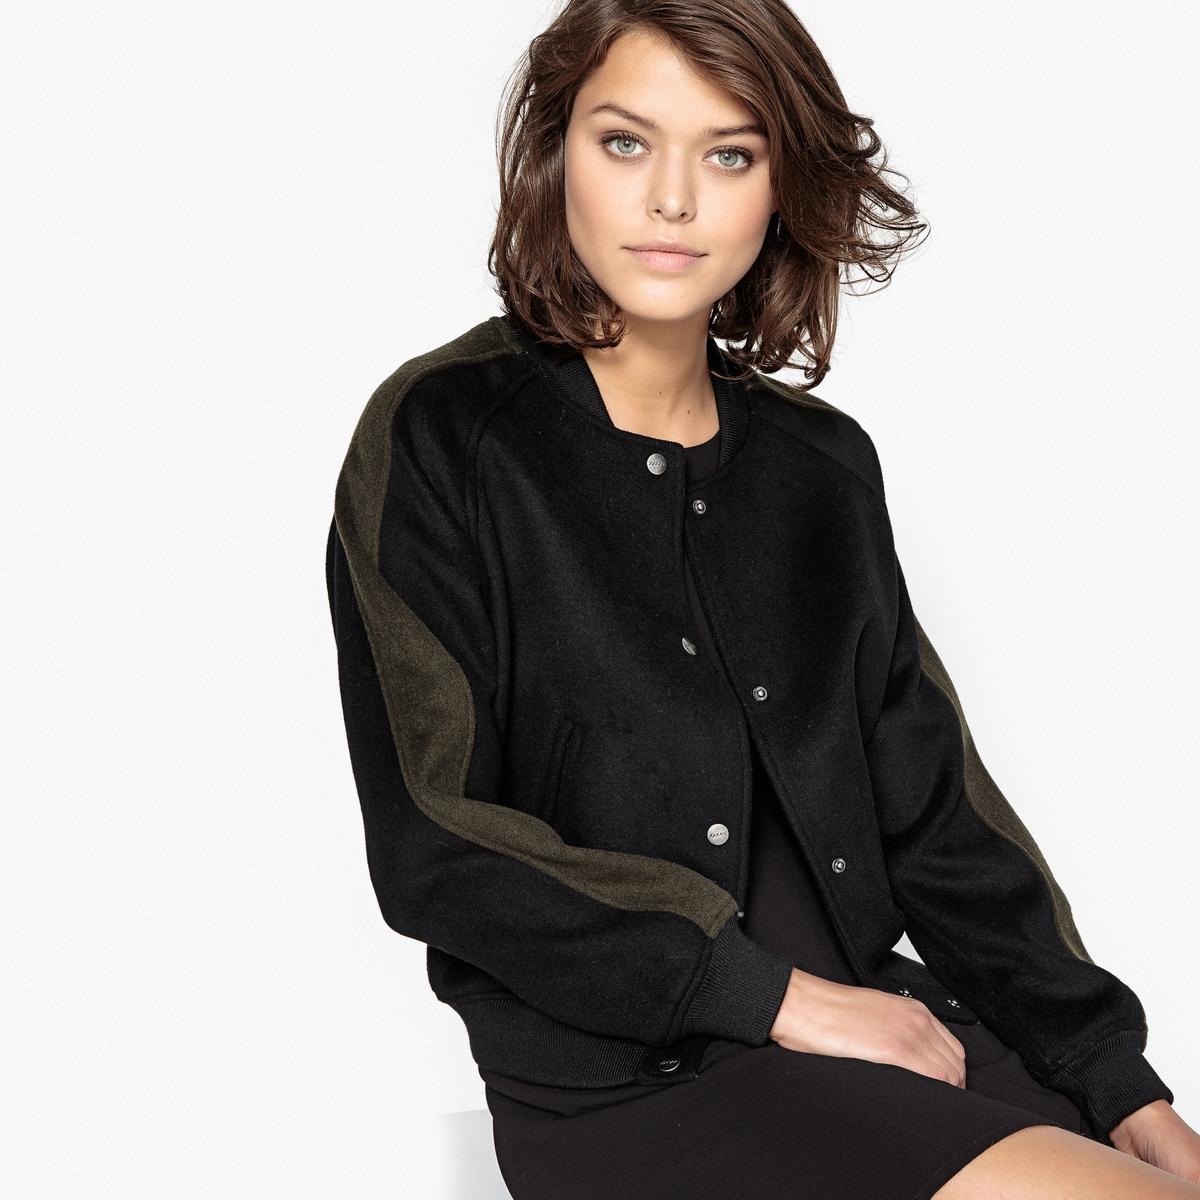 Блузон в стиле тедди из шерстяного драпа блузон с капюшоном в стиле тедди 3 12 лет